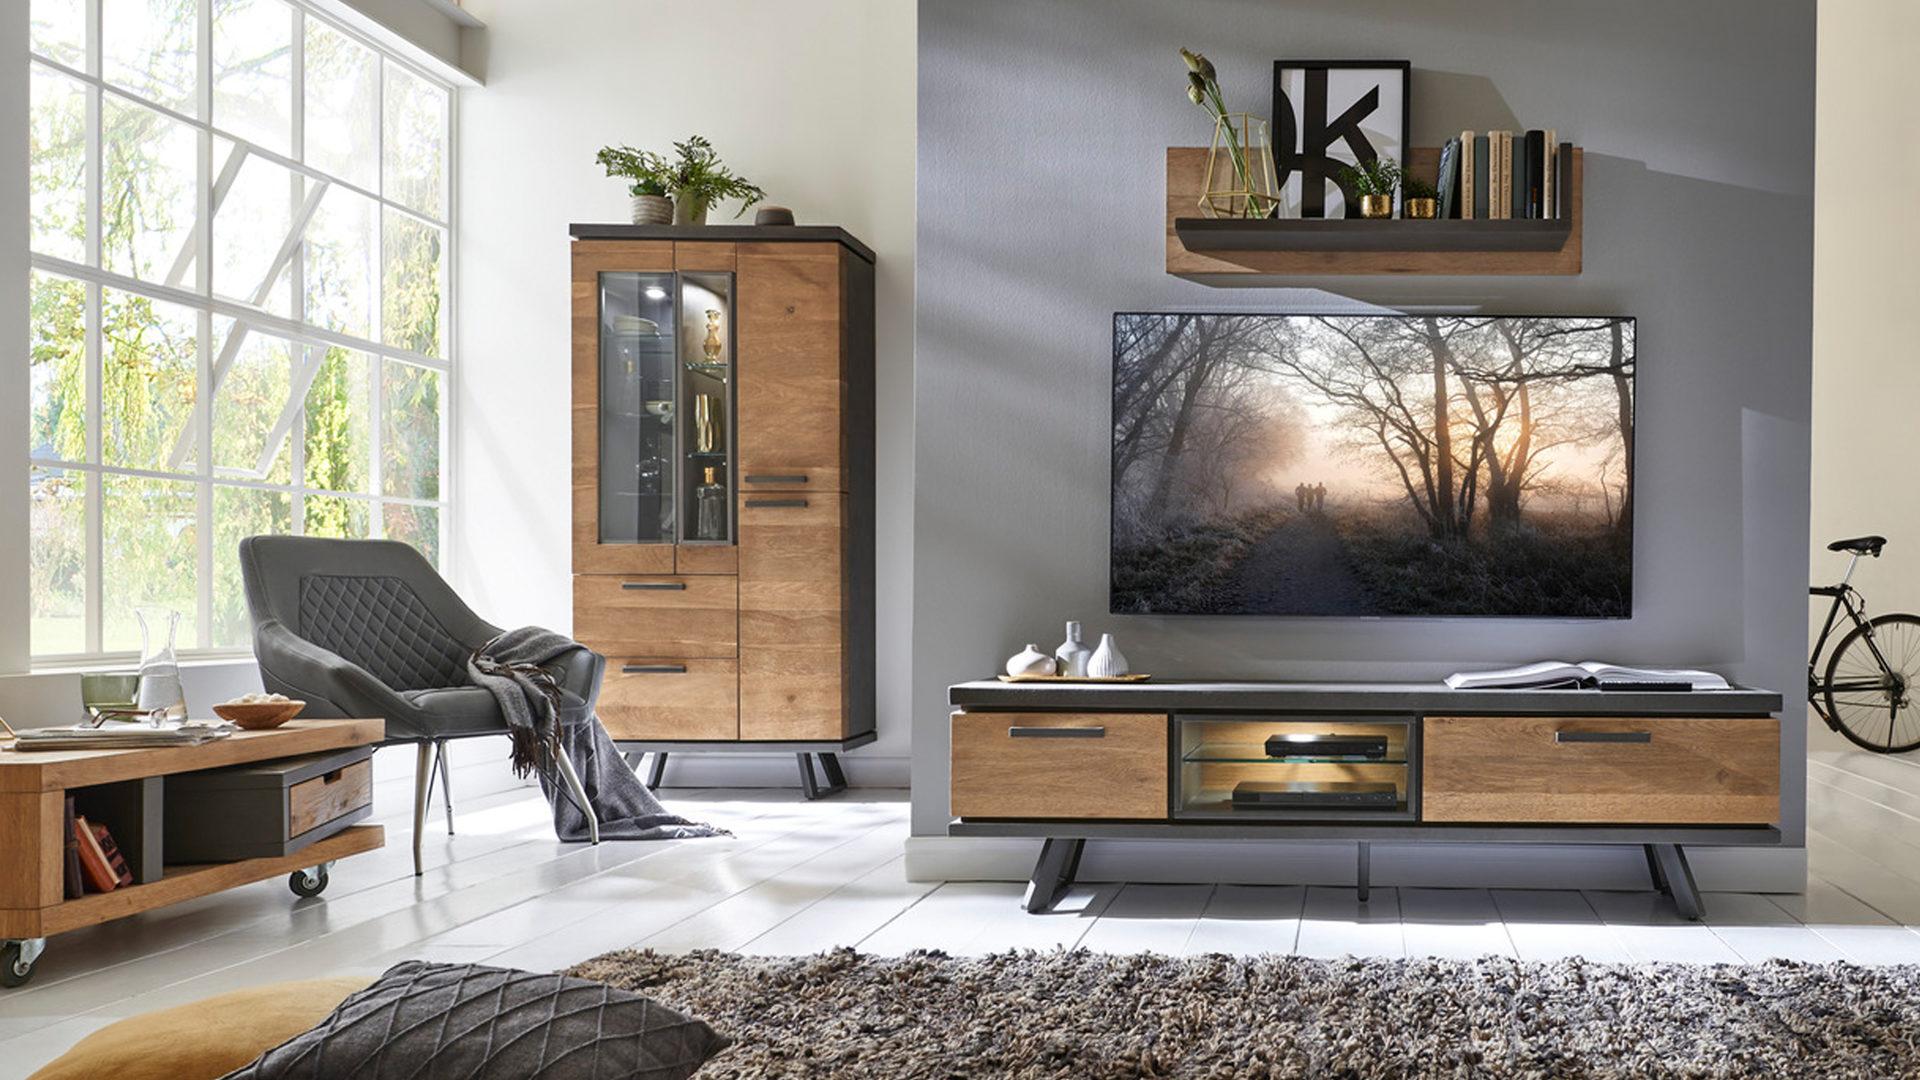 innenarchitektur : geräumiges schönes wohnzimmer im industrial ... - Wohnzimmer Industrial Style